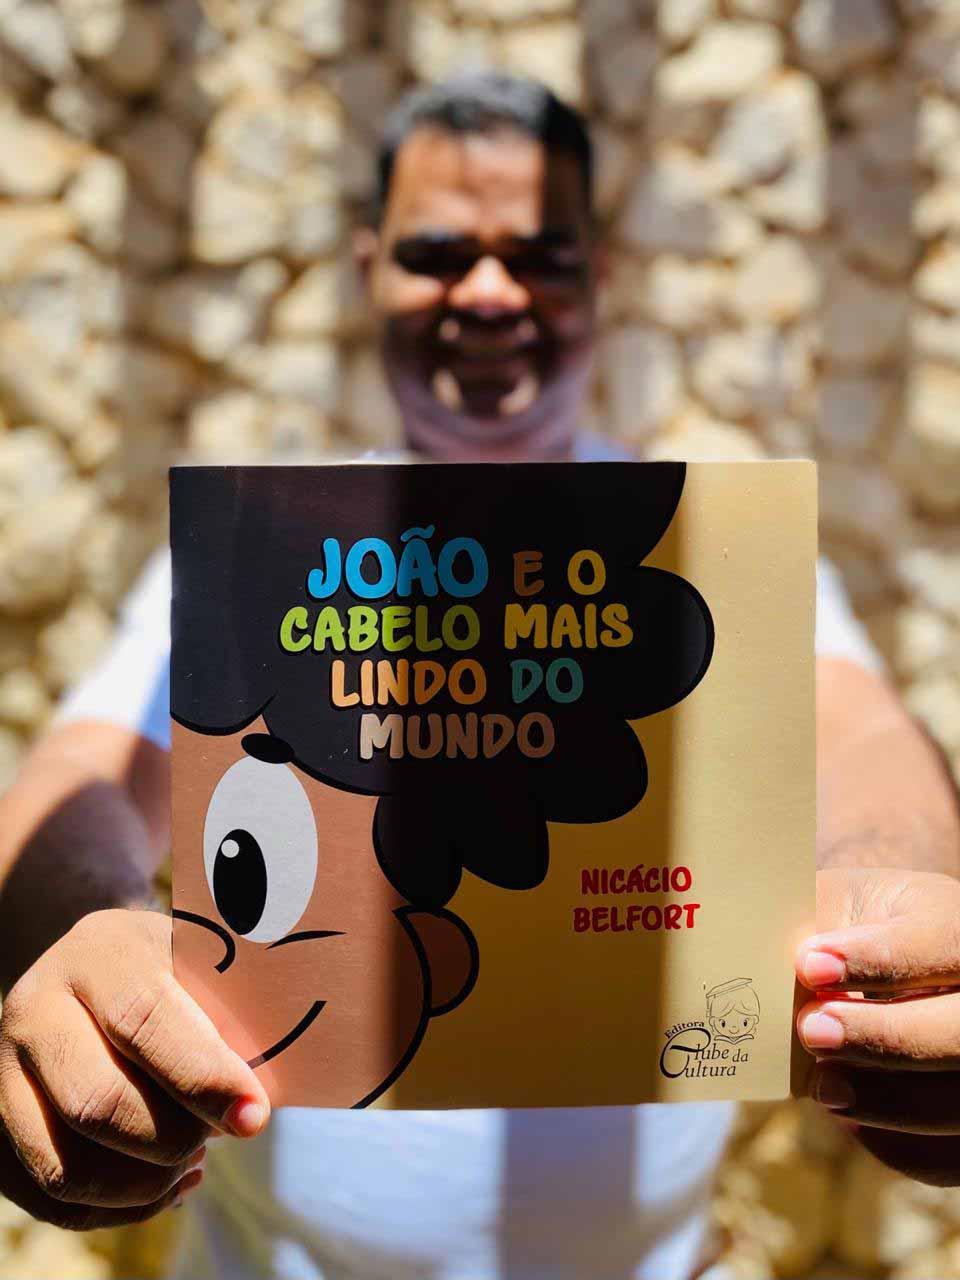 Após sofrer preconceitos na infância, nordestino lança livro para elevar autoestima de crianças com cabelo crespo 5